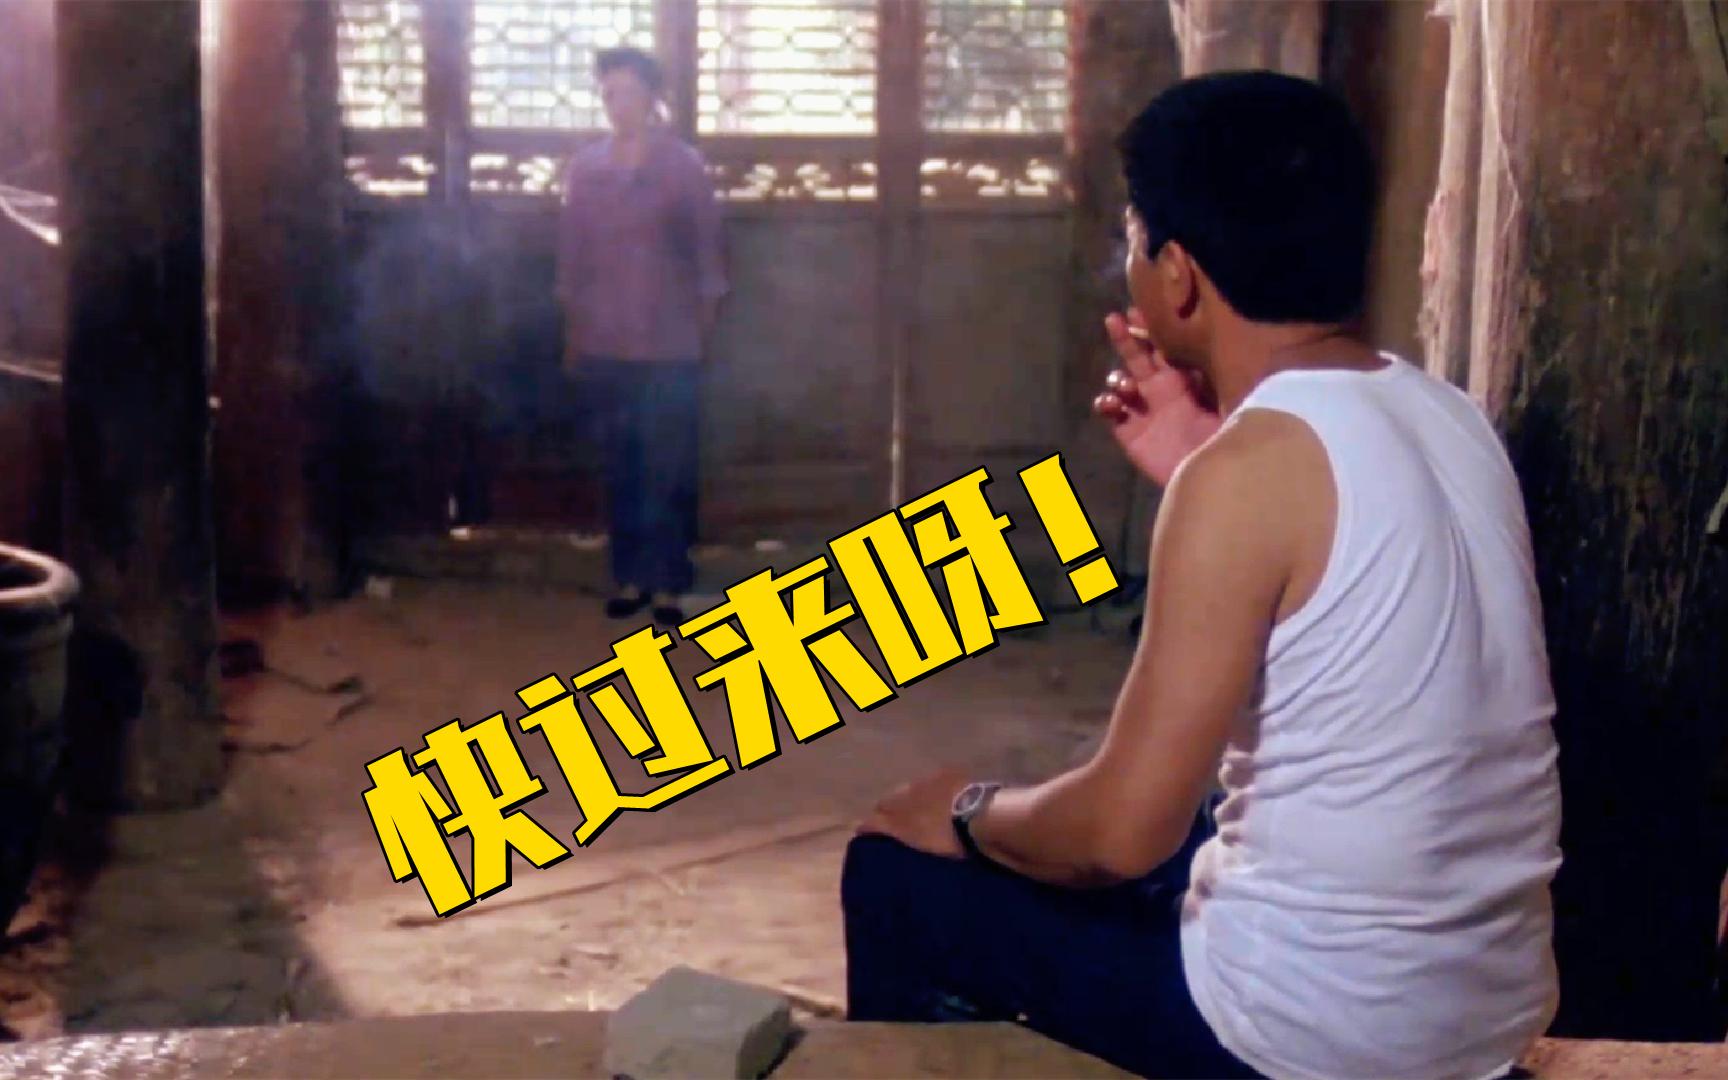 《女皇陵下的风流娘们》:30年前的国产片,那时候的导演真敢拍